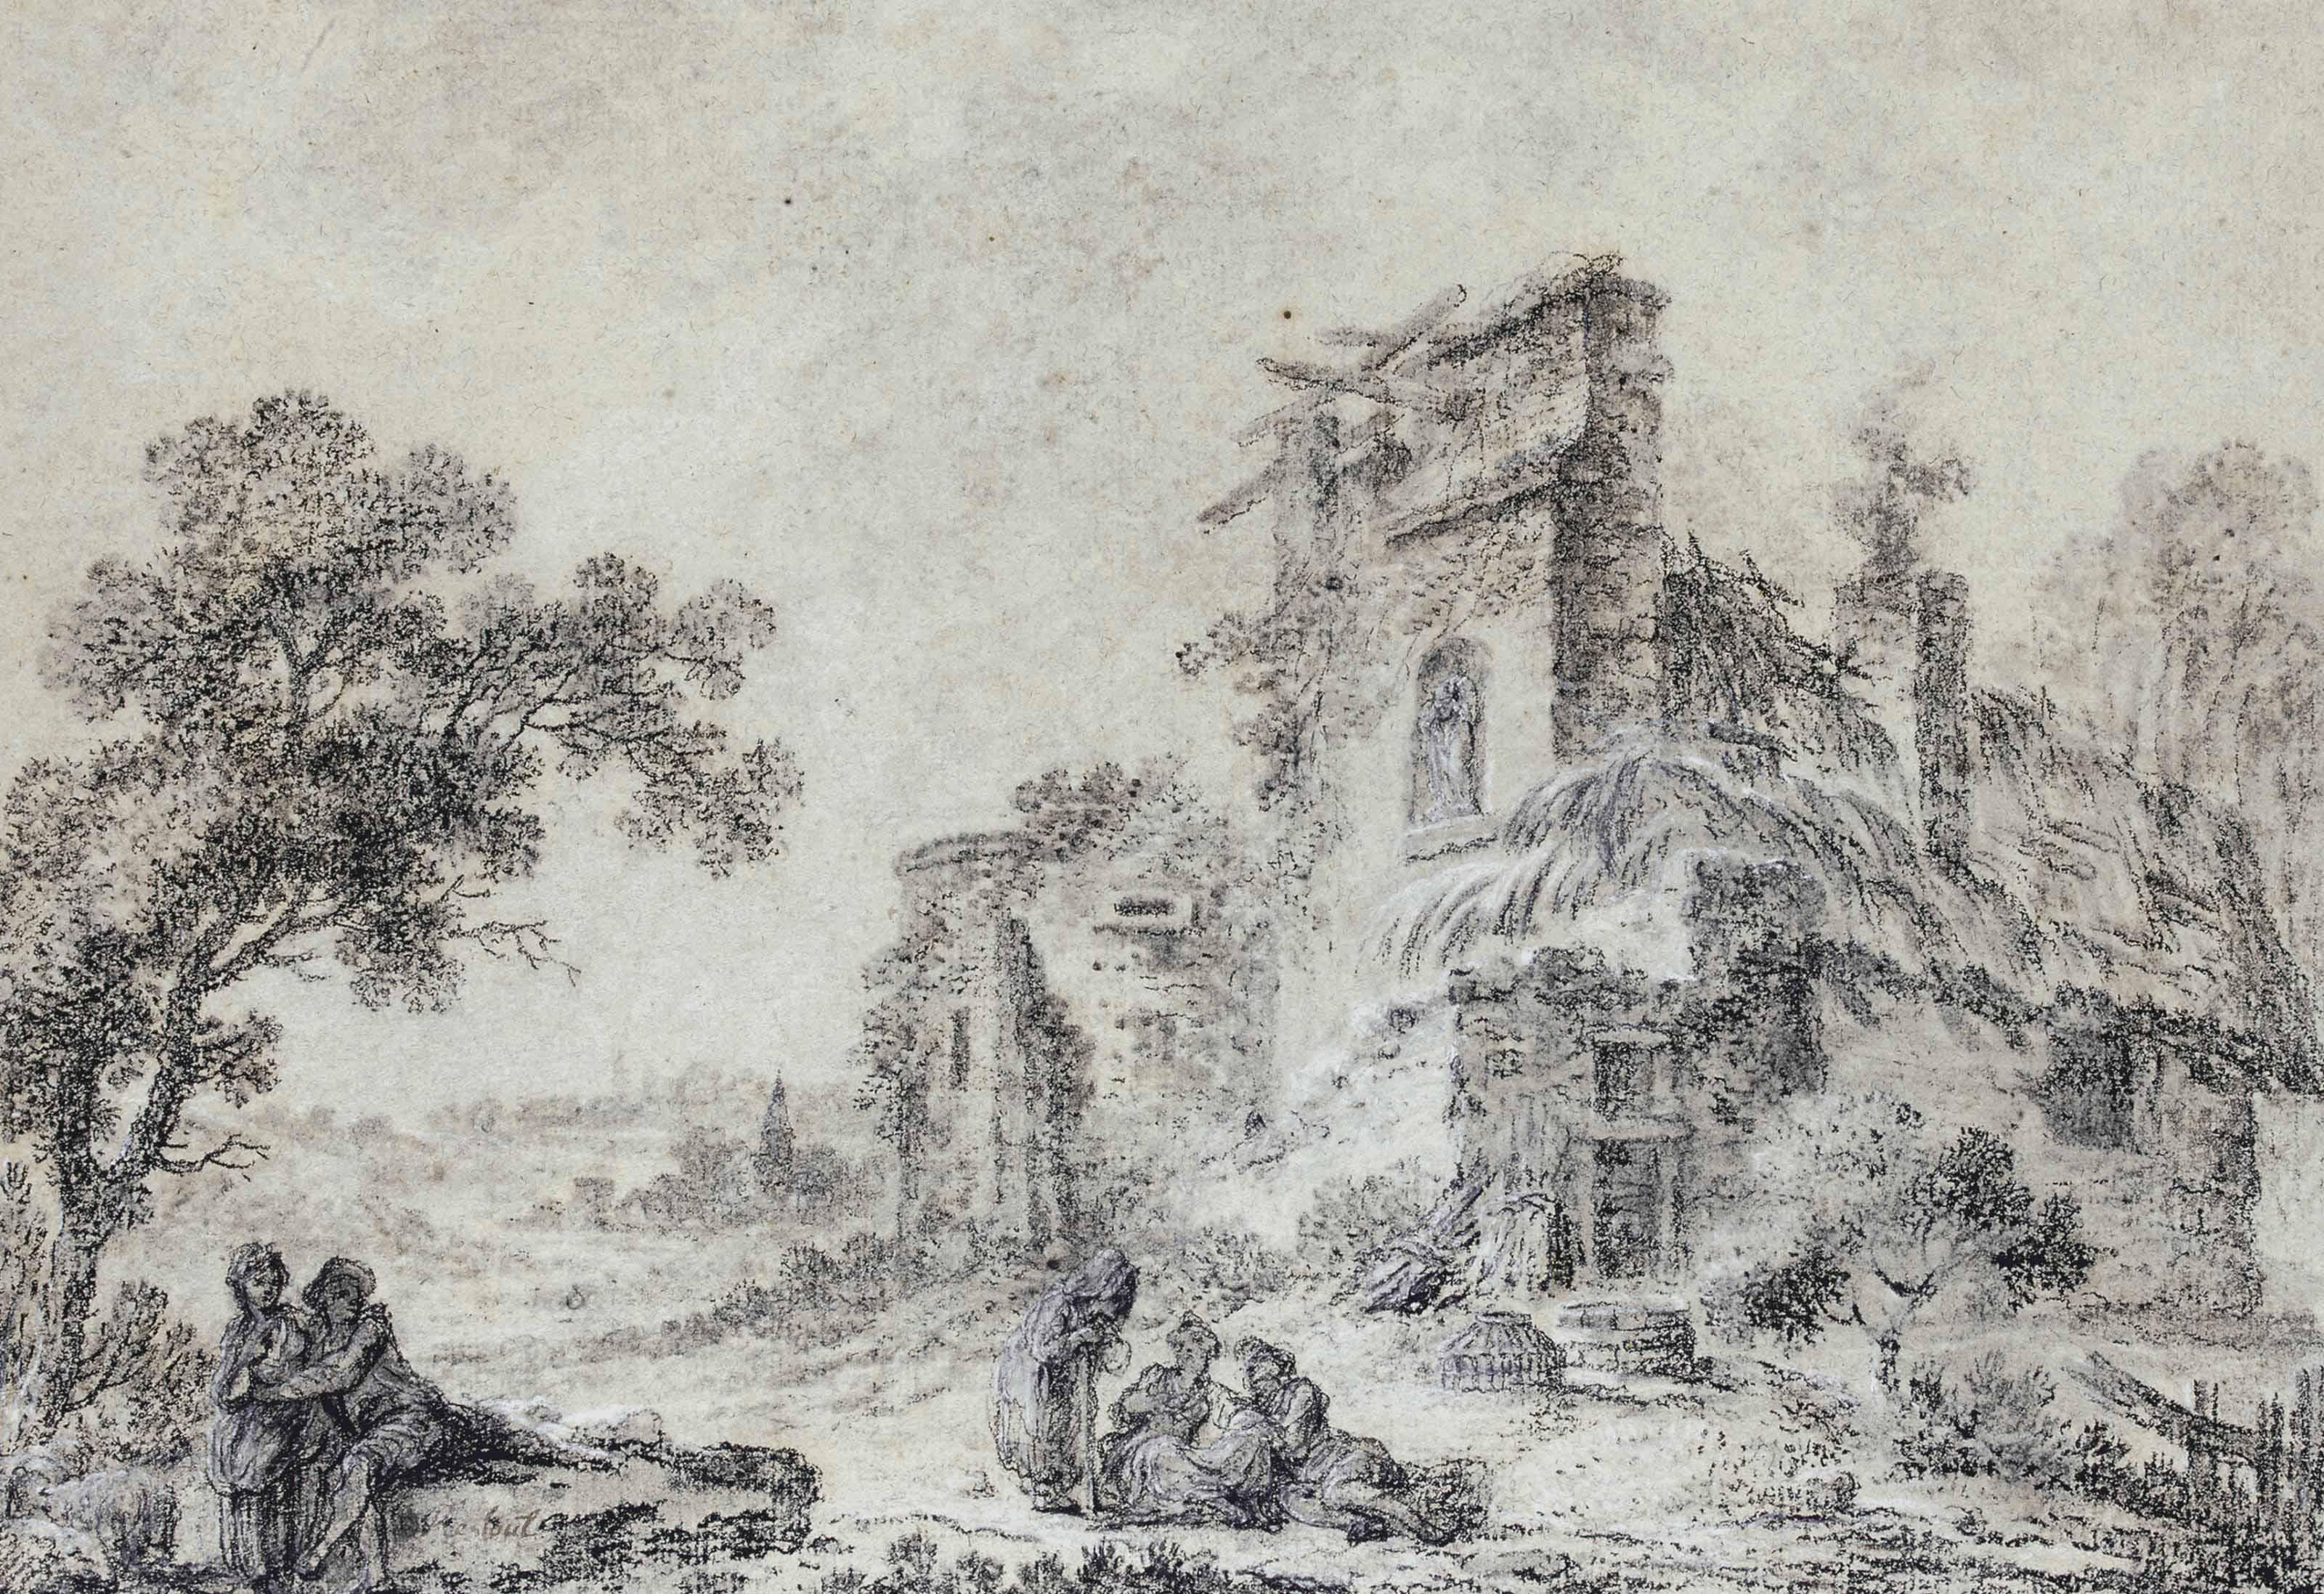 Couple dans un paysage arboré près d'un moulin à eau; et Couple dans un paysage arboré près d'une ruine